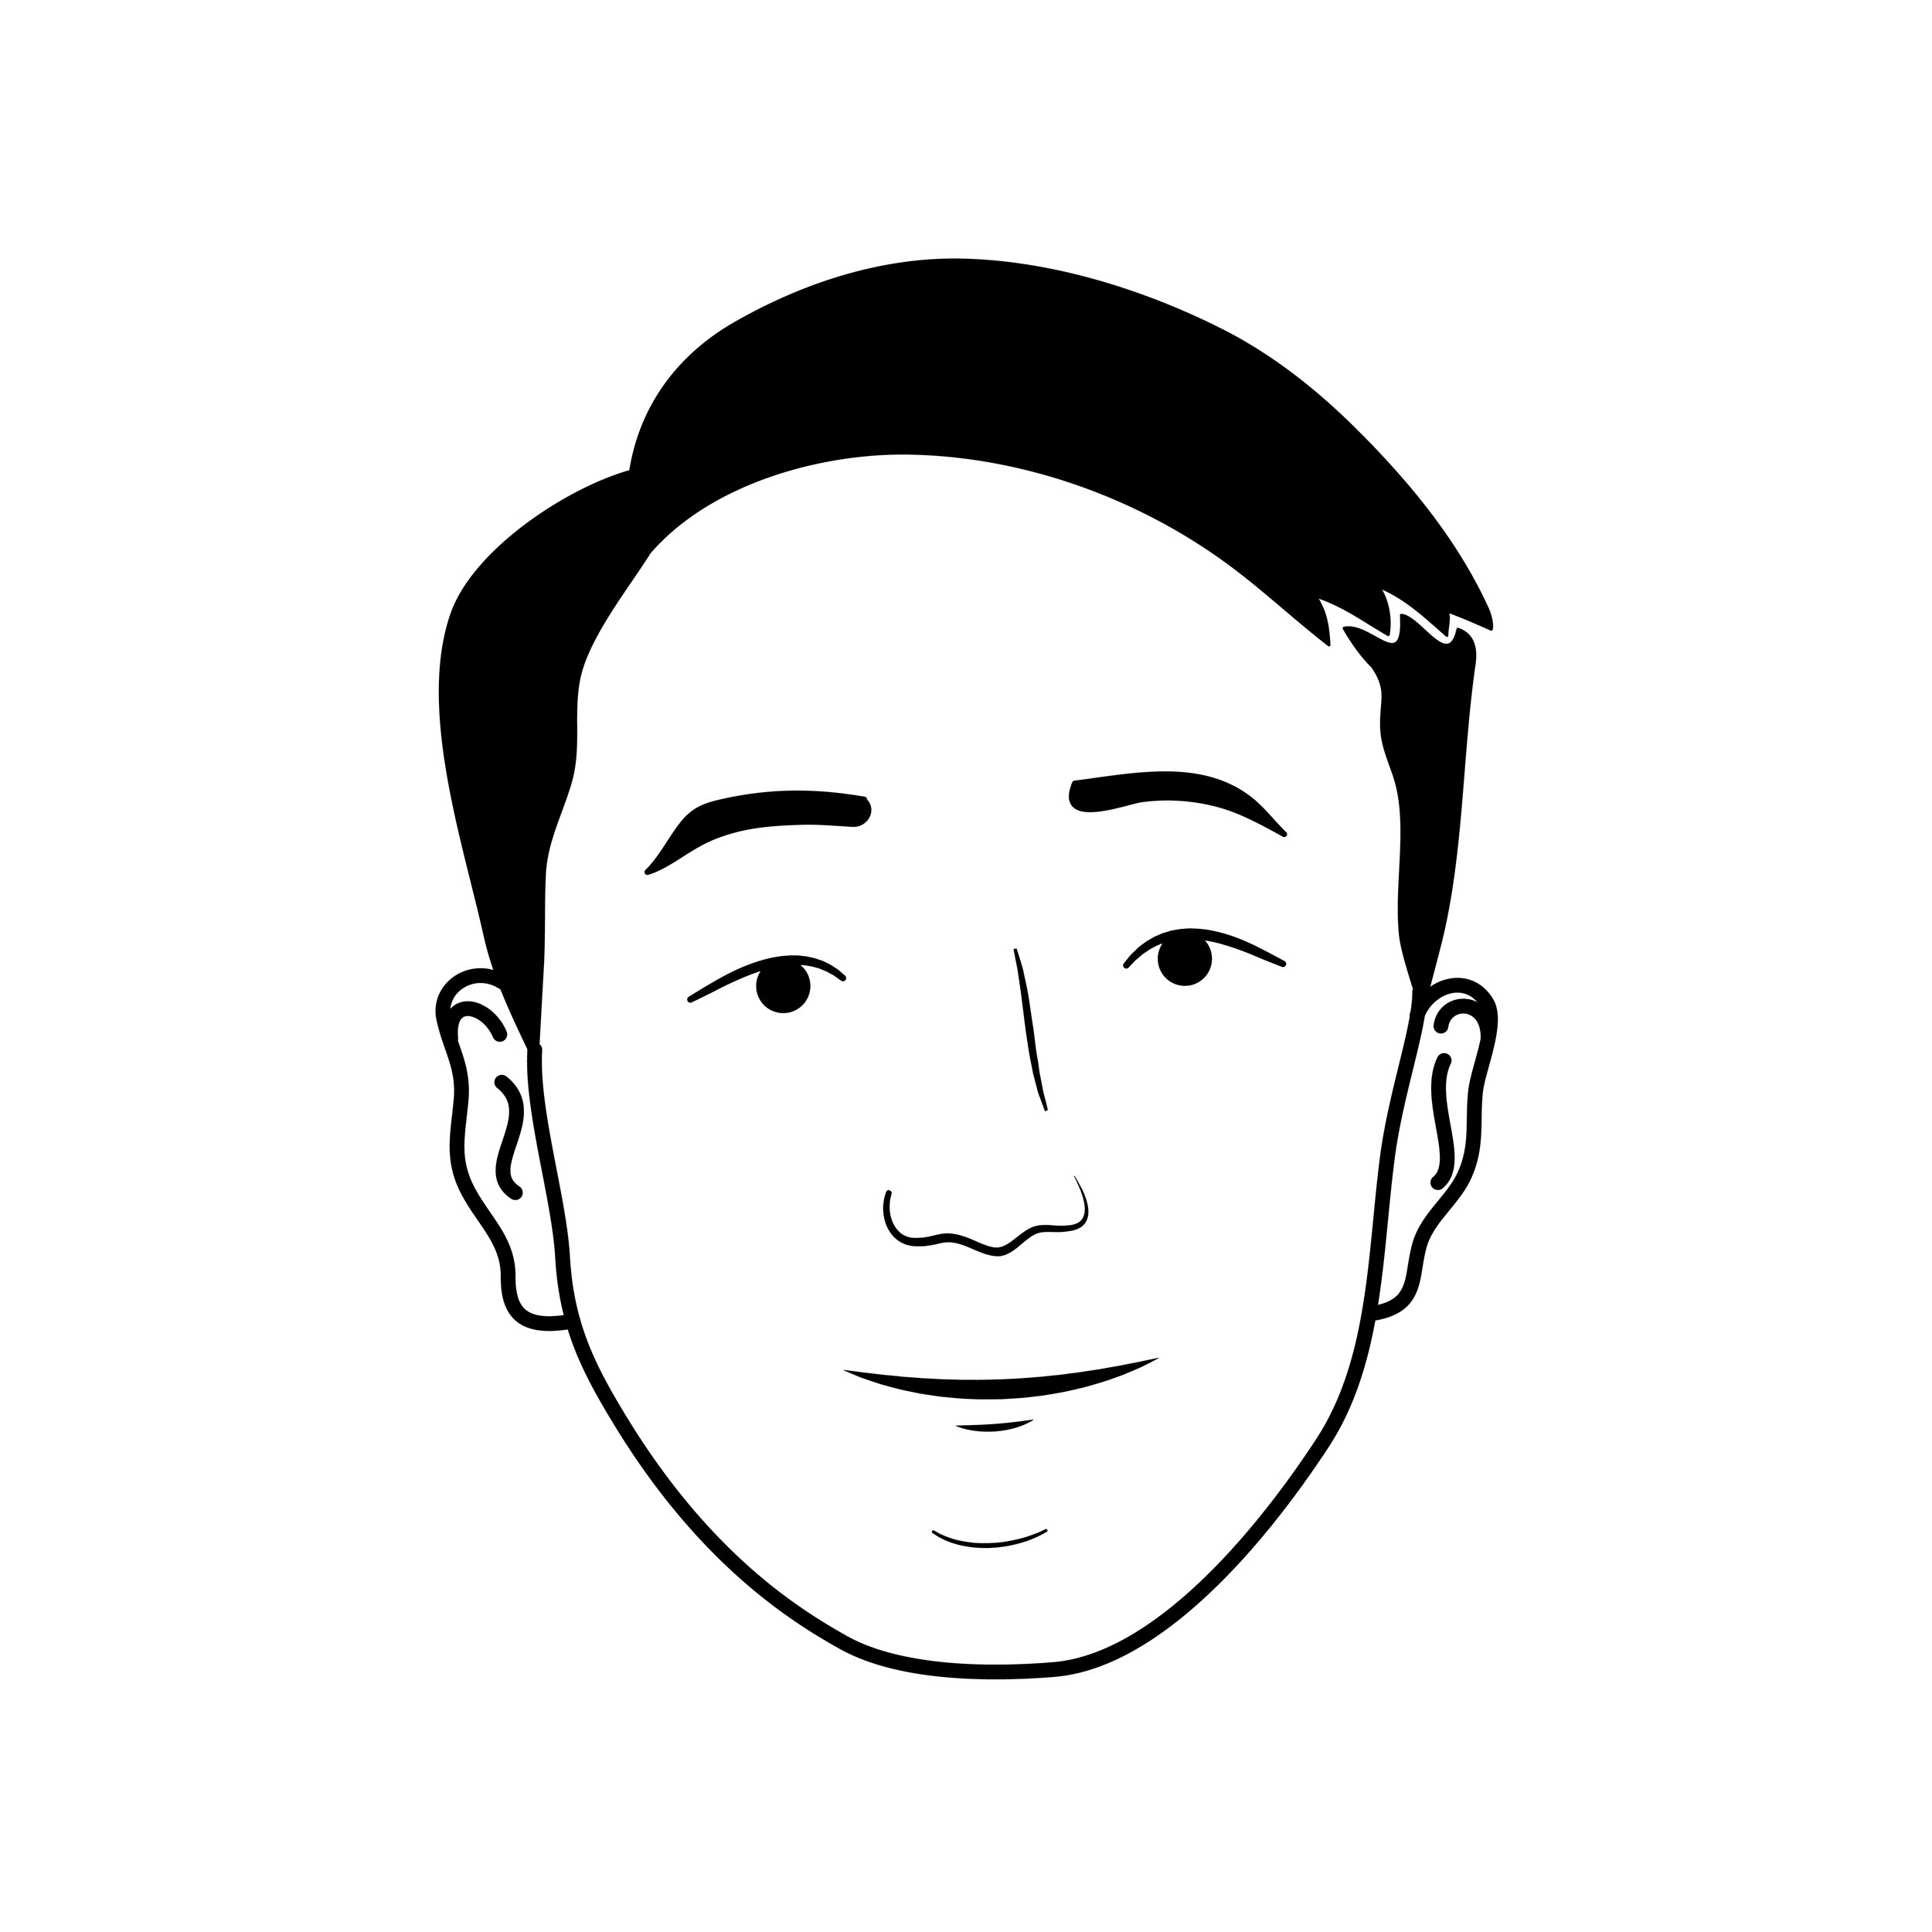 mis_People Head Illustration-01.jpg